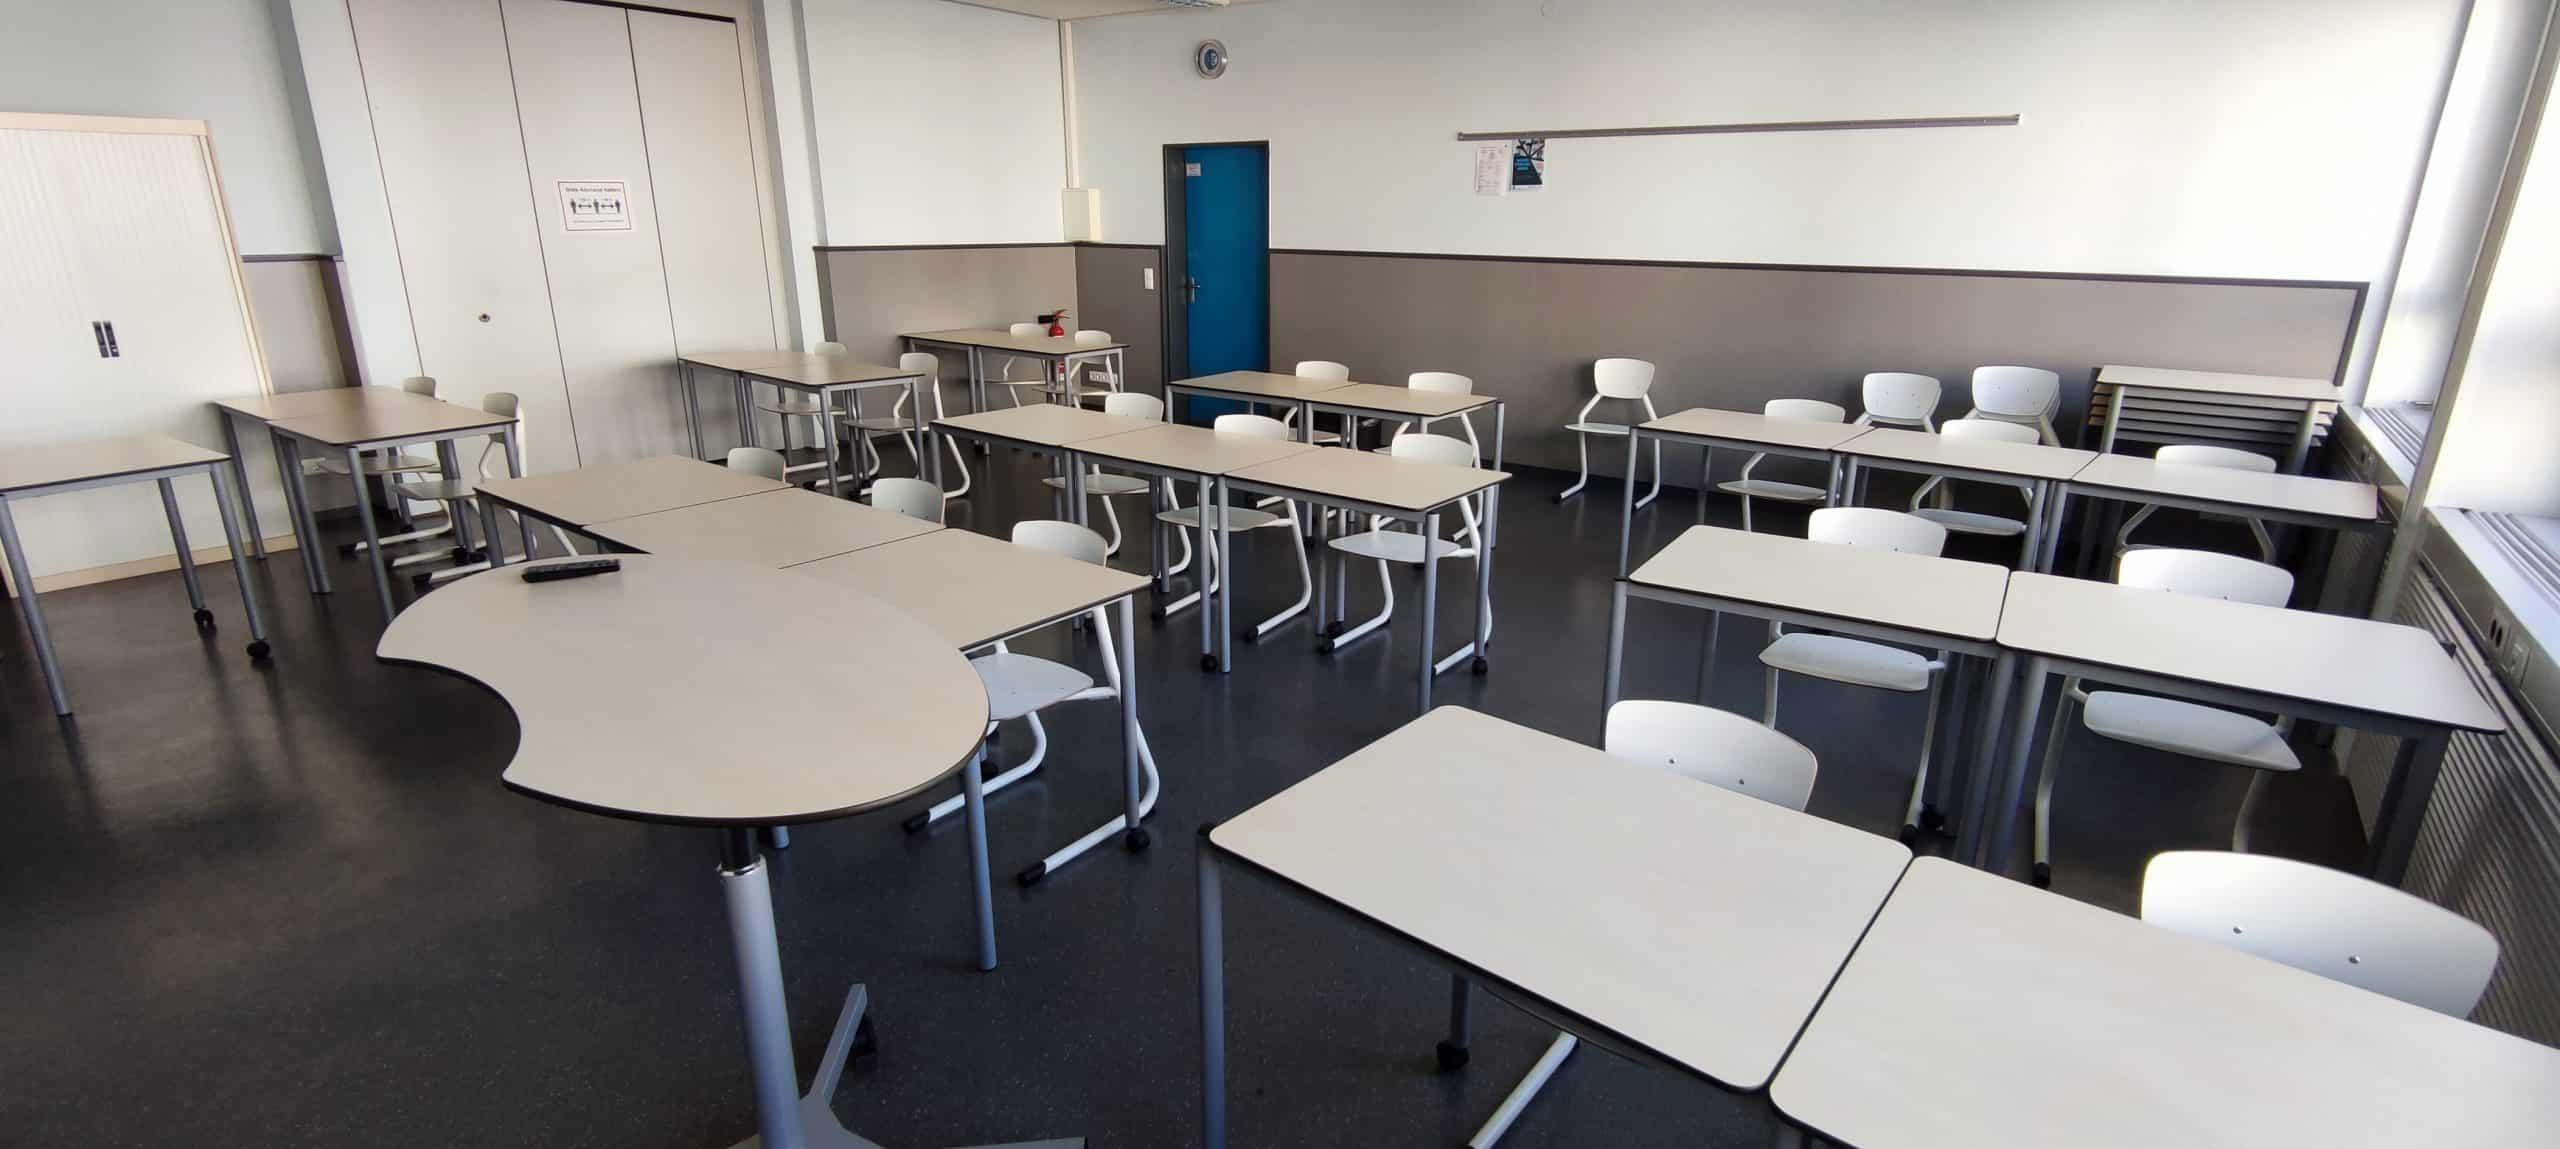 Dr. Zimmermannsche Wirtschaftsschule in Koblenz Blick in einen modernen Klassenraum